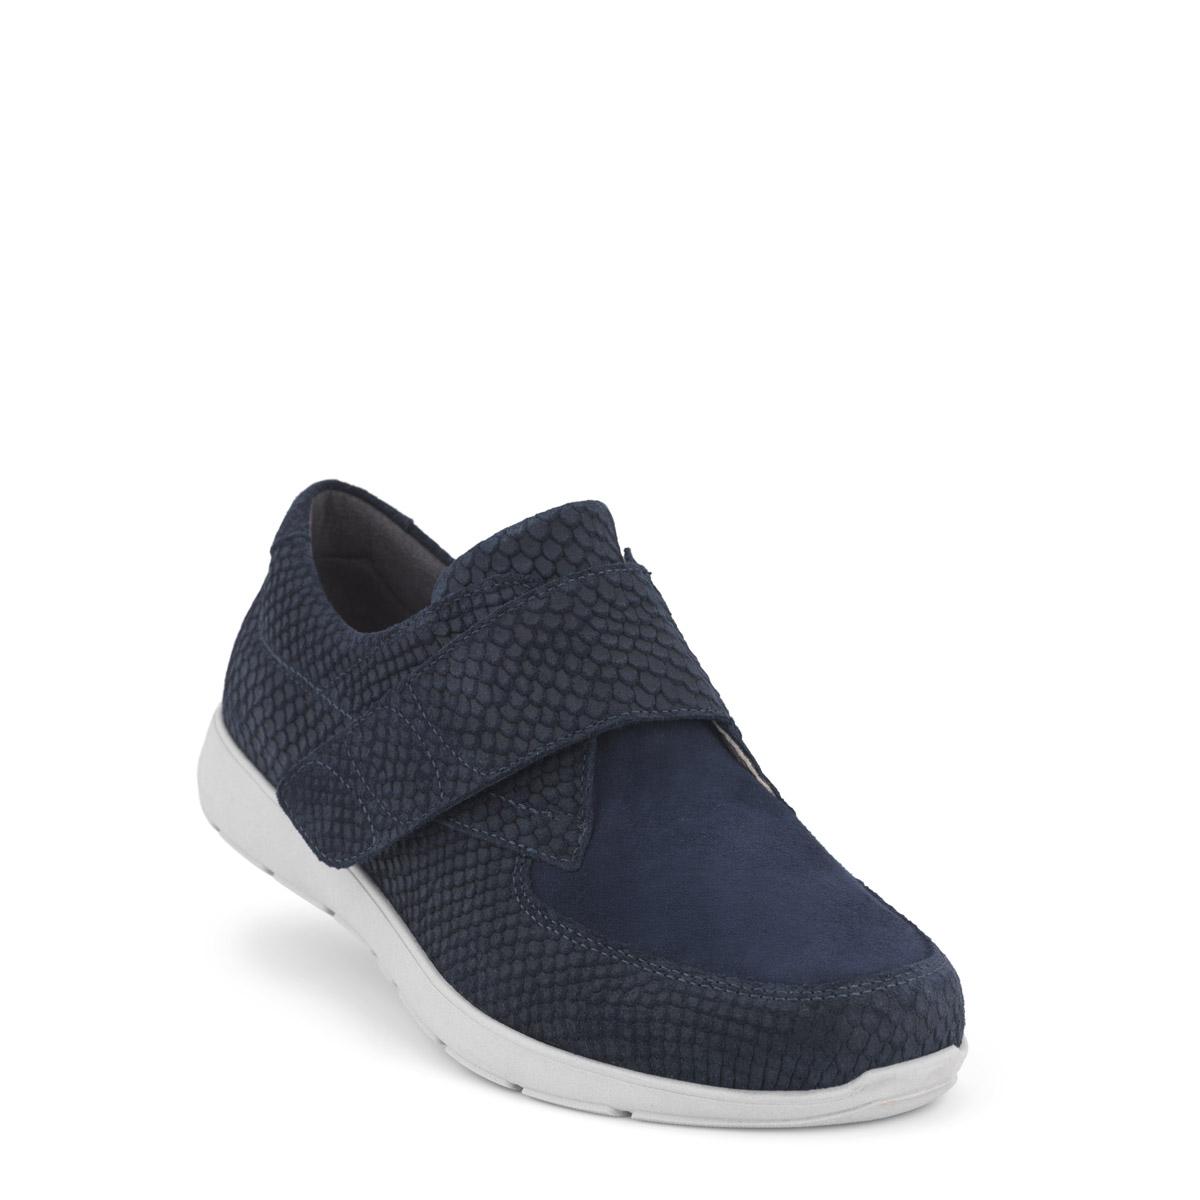 New Feet sko med velcro og stræk over tåen